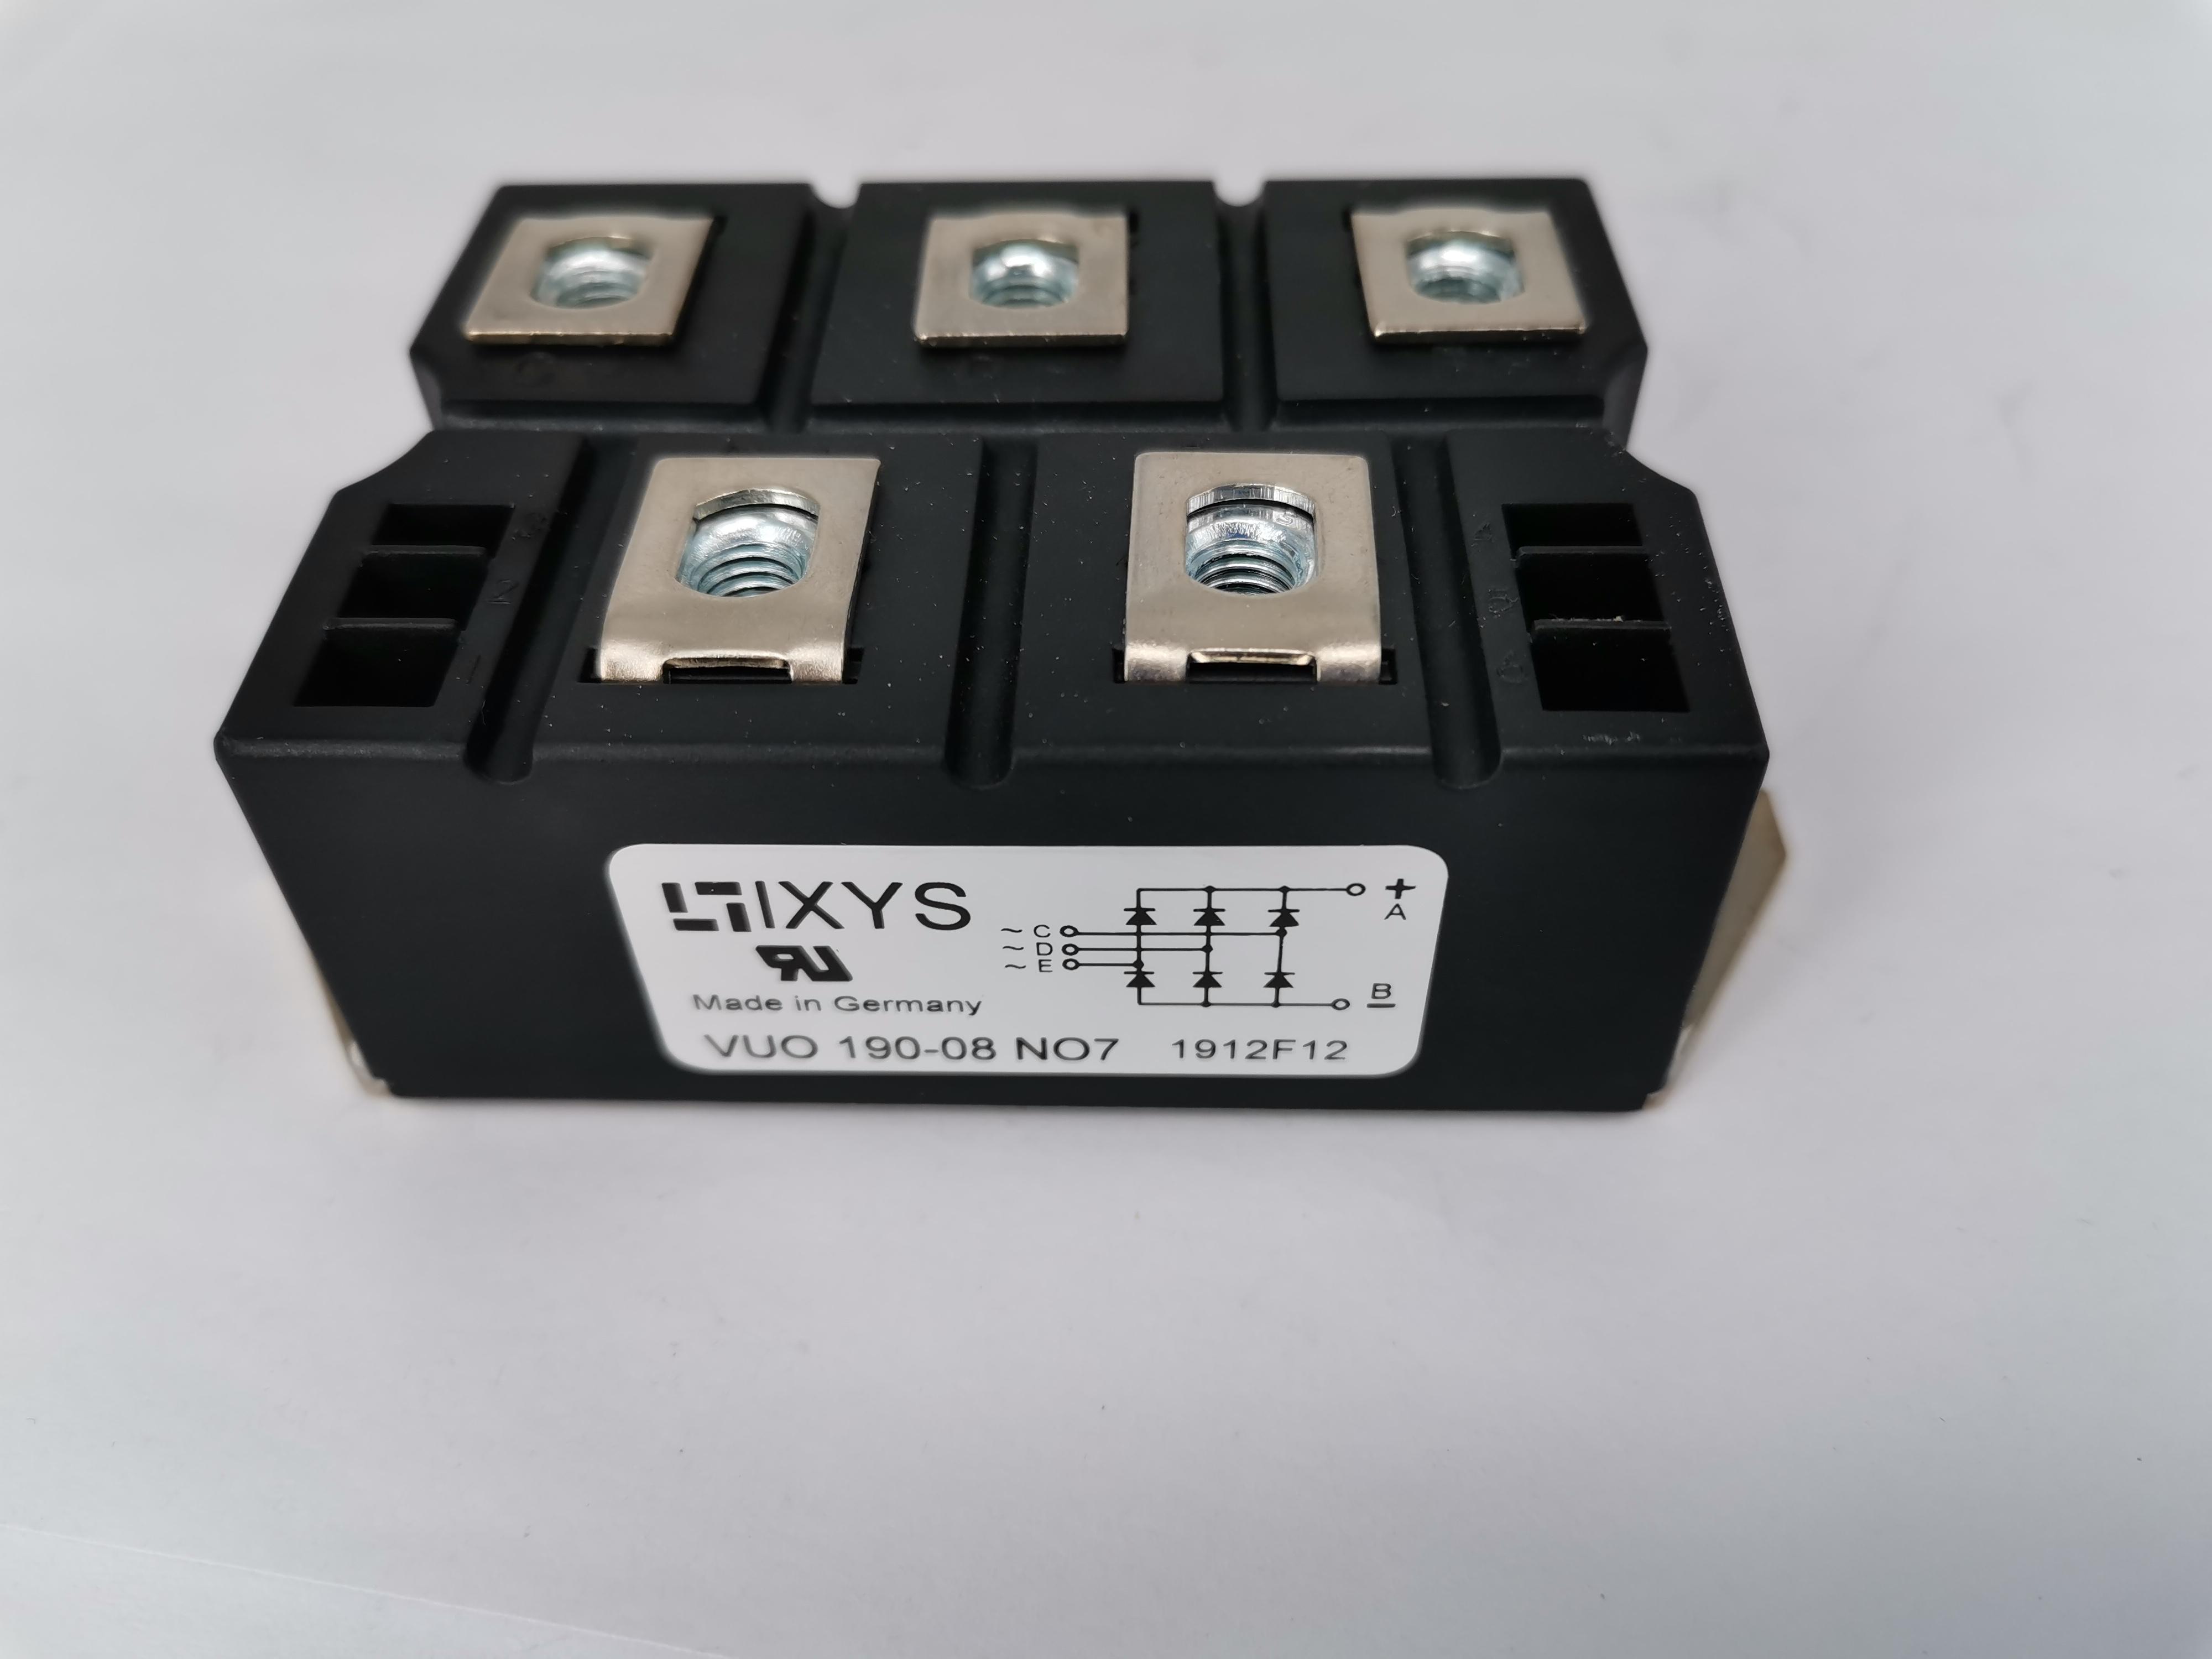 全新原装 IXYS艾赛斯整流桥模块VUO190-16NO7  晶闸管可控硅模块